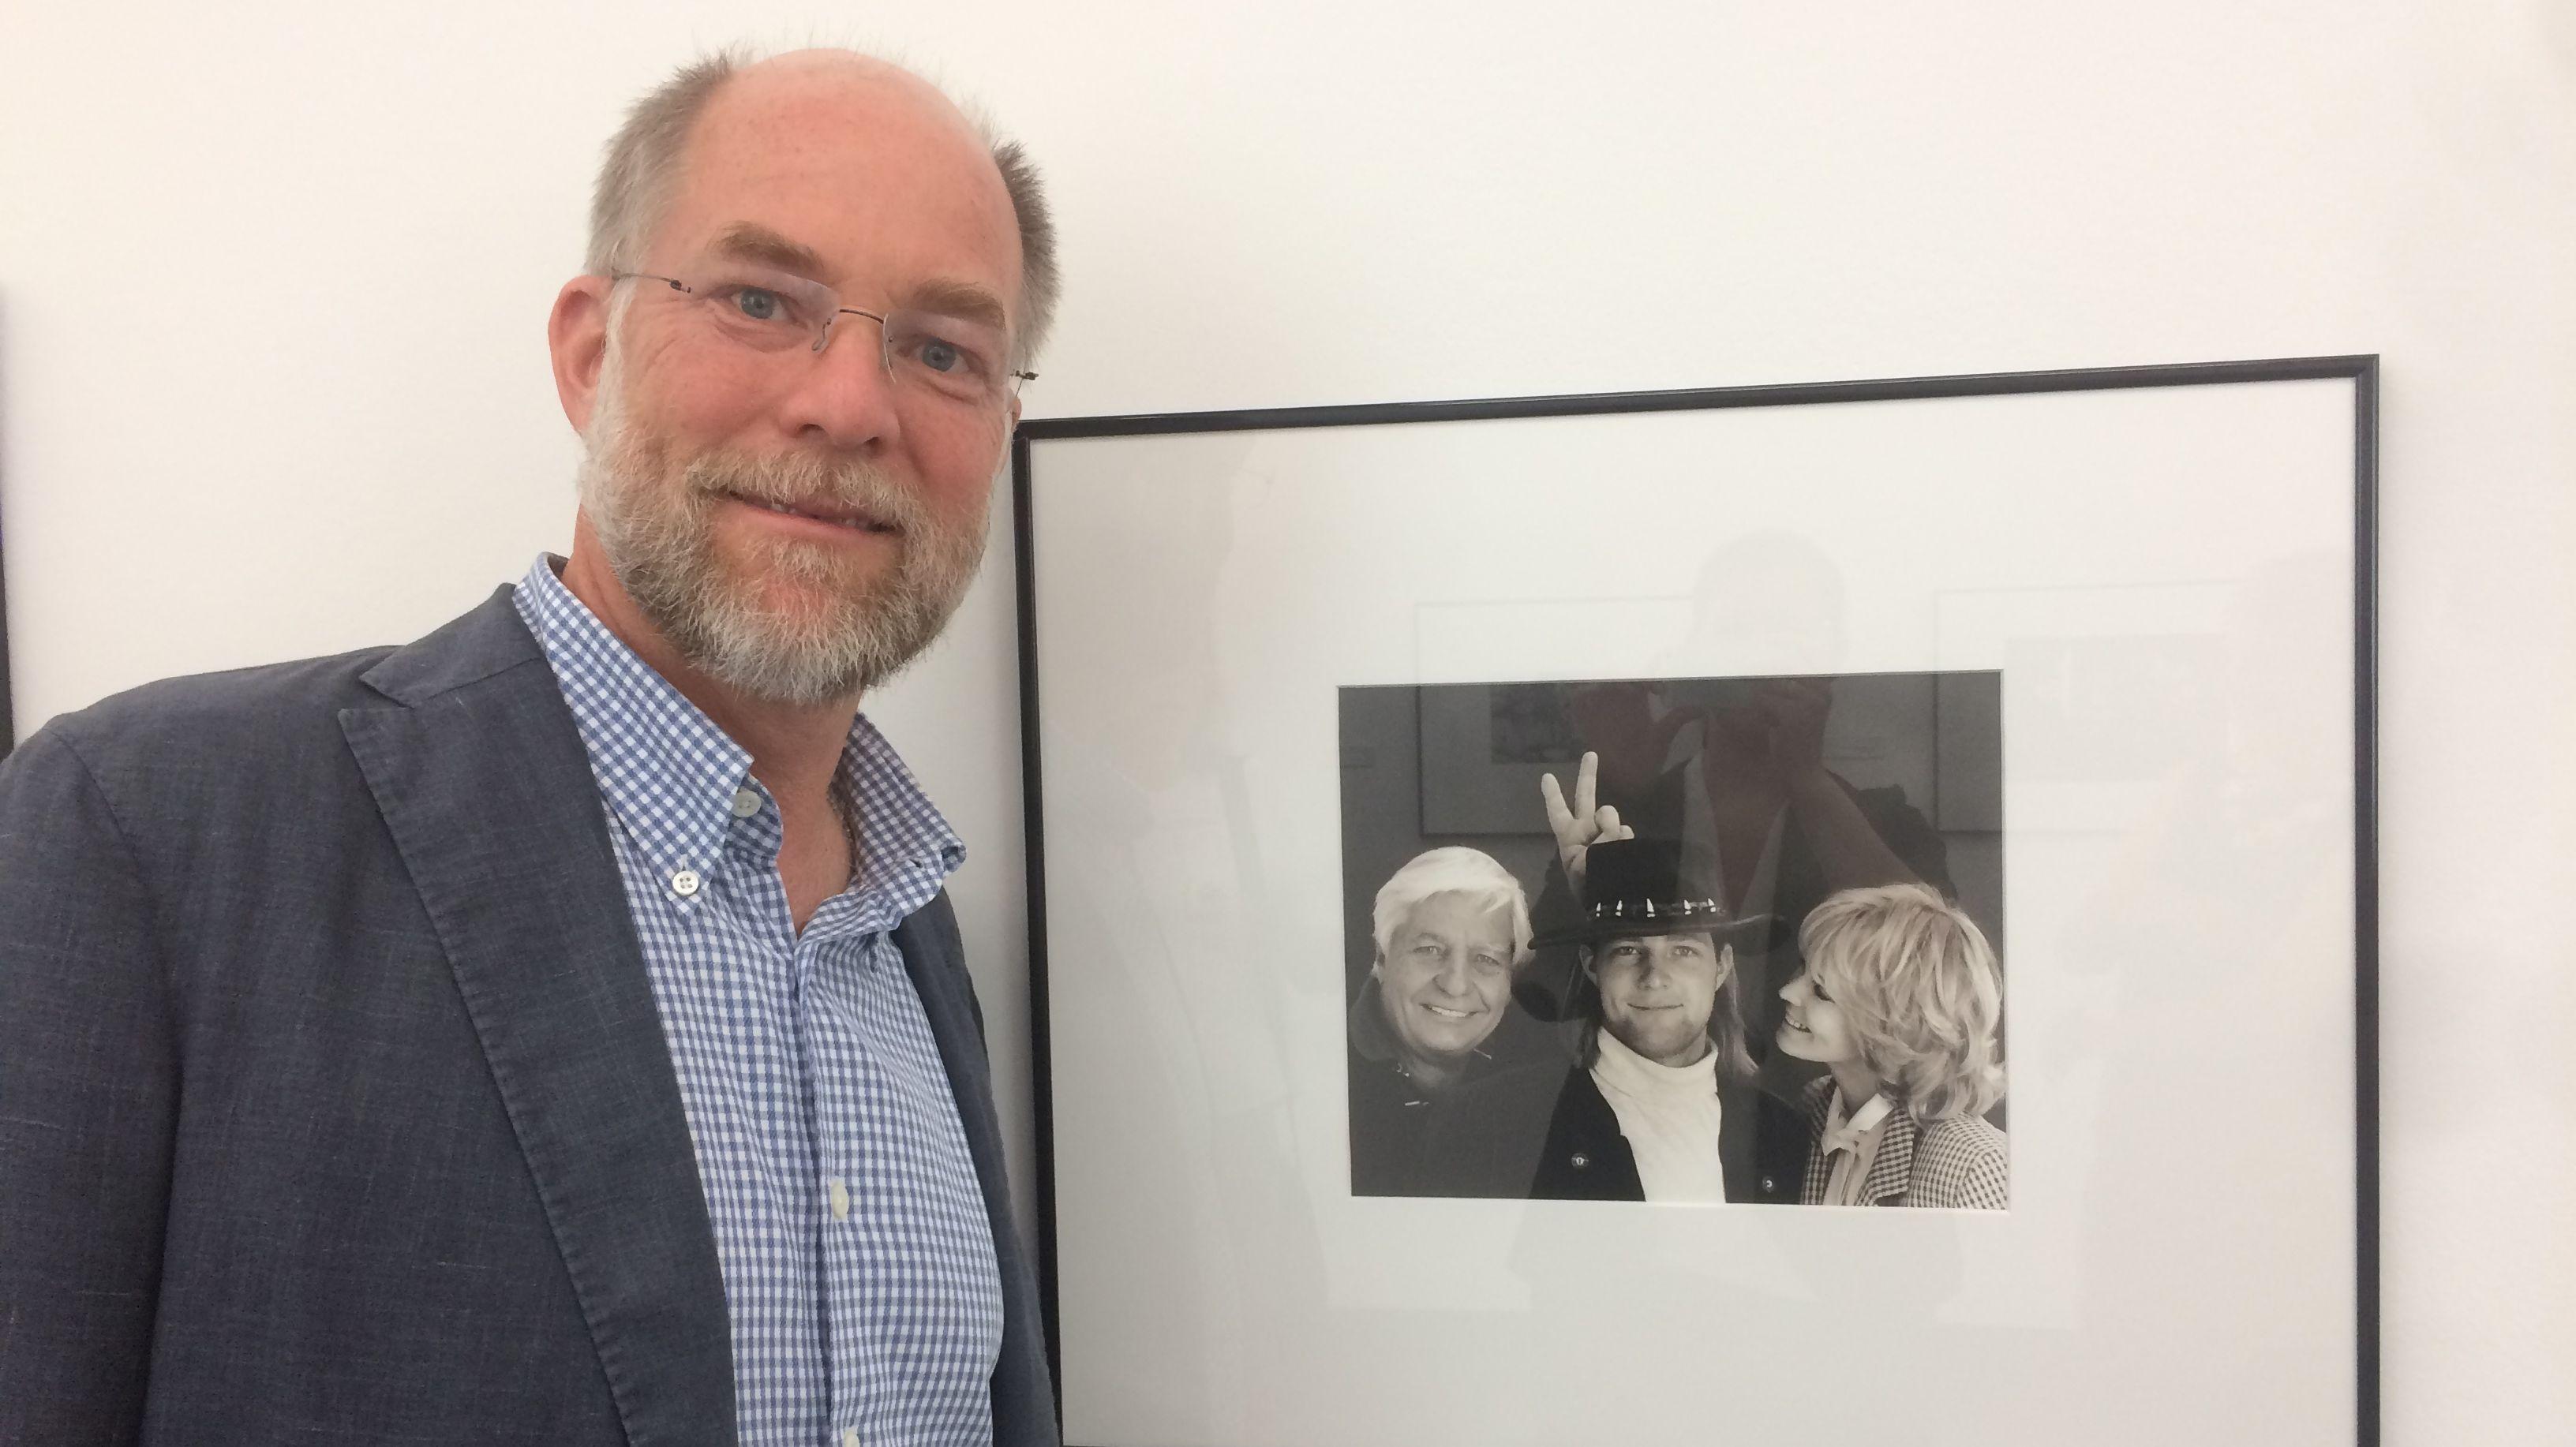 Gunnar Sachs, Gunter Sachs' Sohn, vor einer Fotografie von Jeff Dunas aus dem Jahr 2000. Darauf zu sehen sind Gunter, Gunnar und Mirja Sachs.